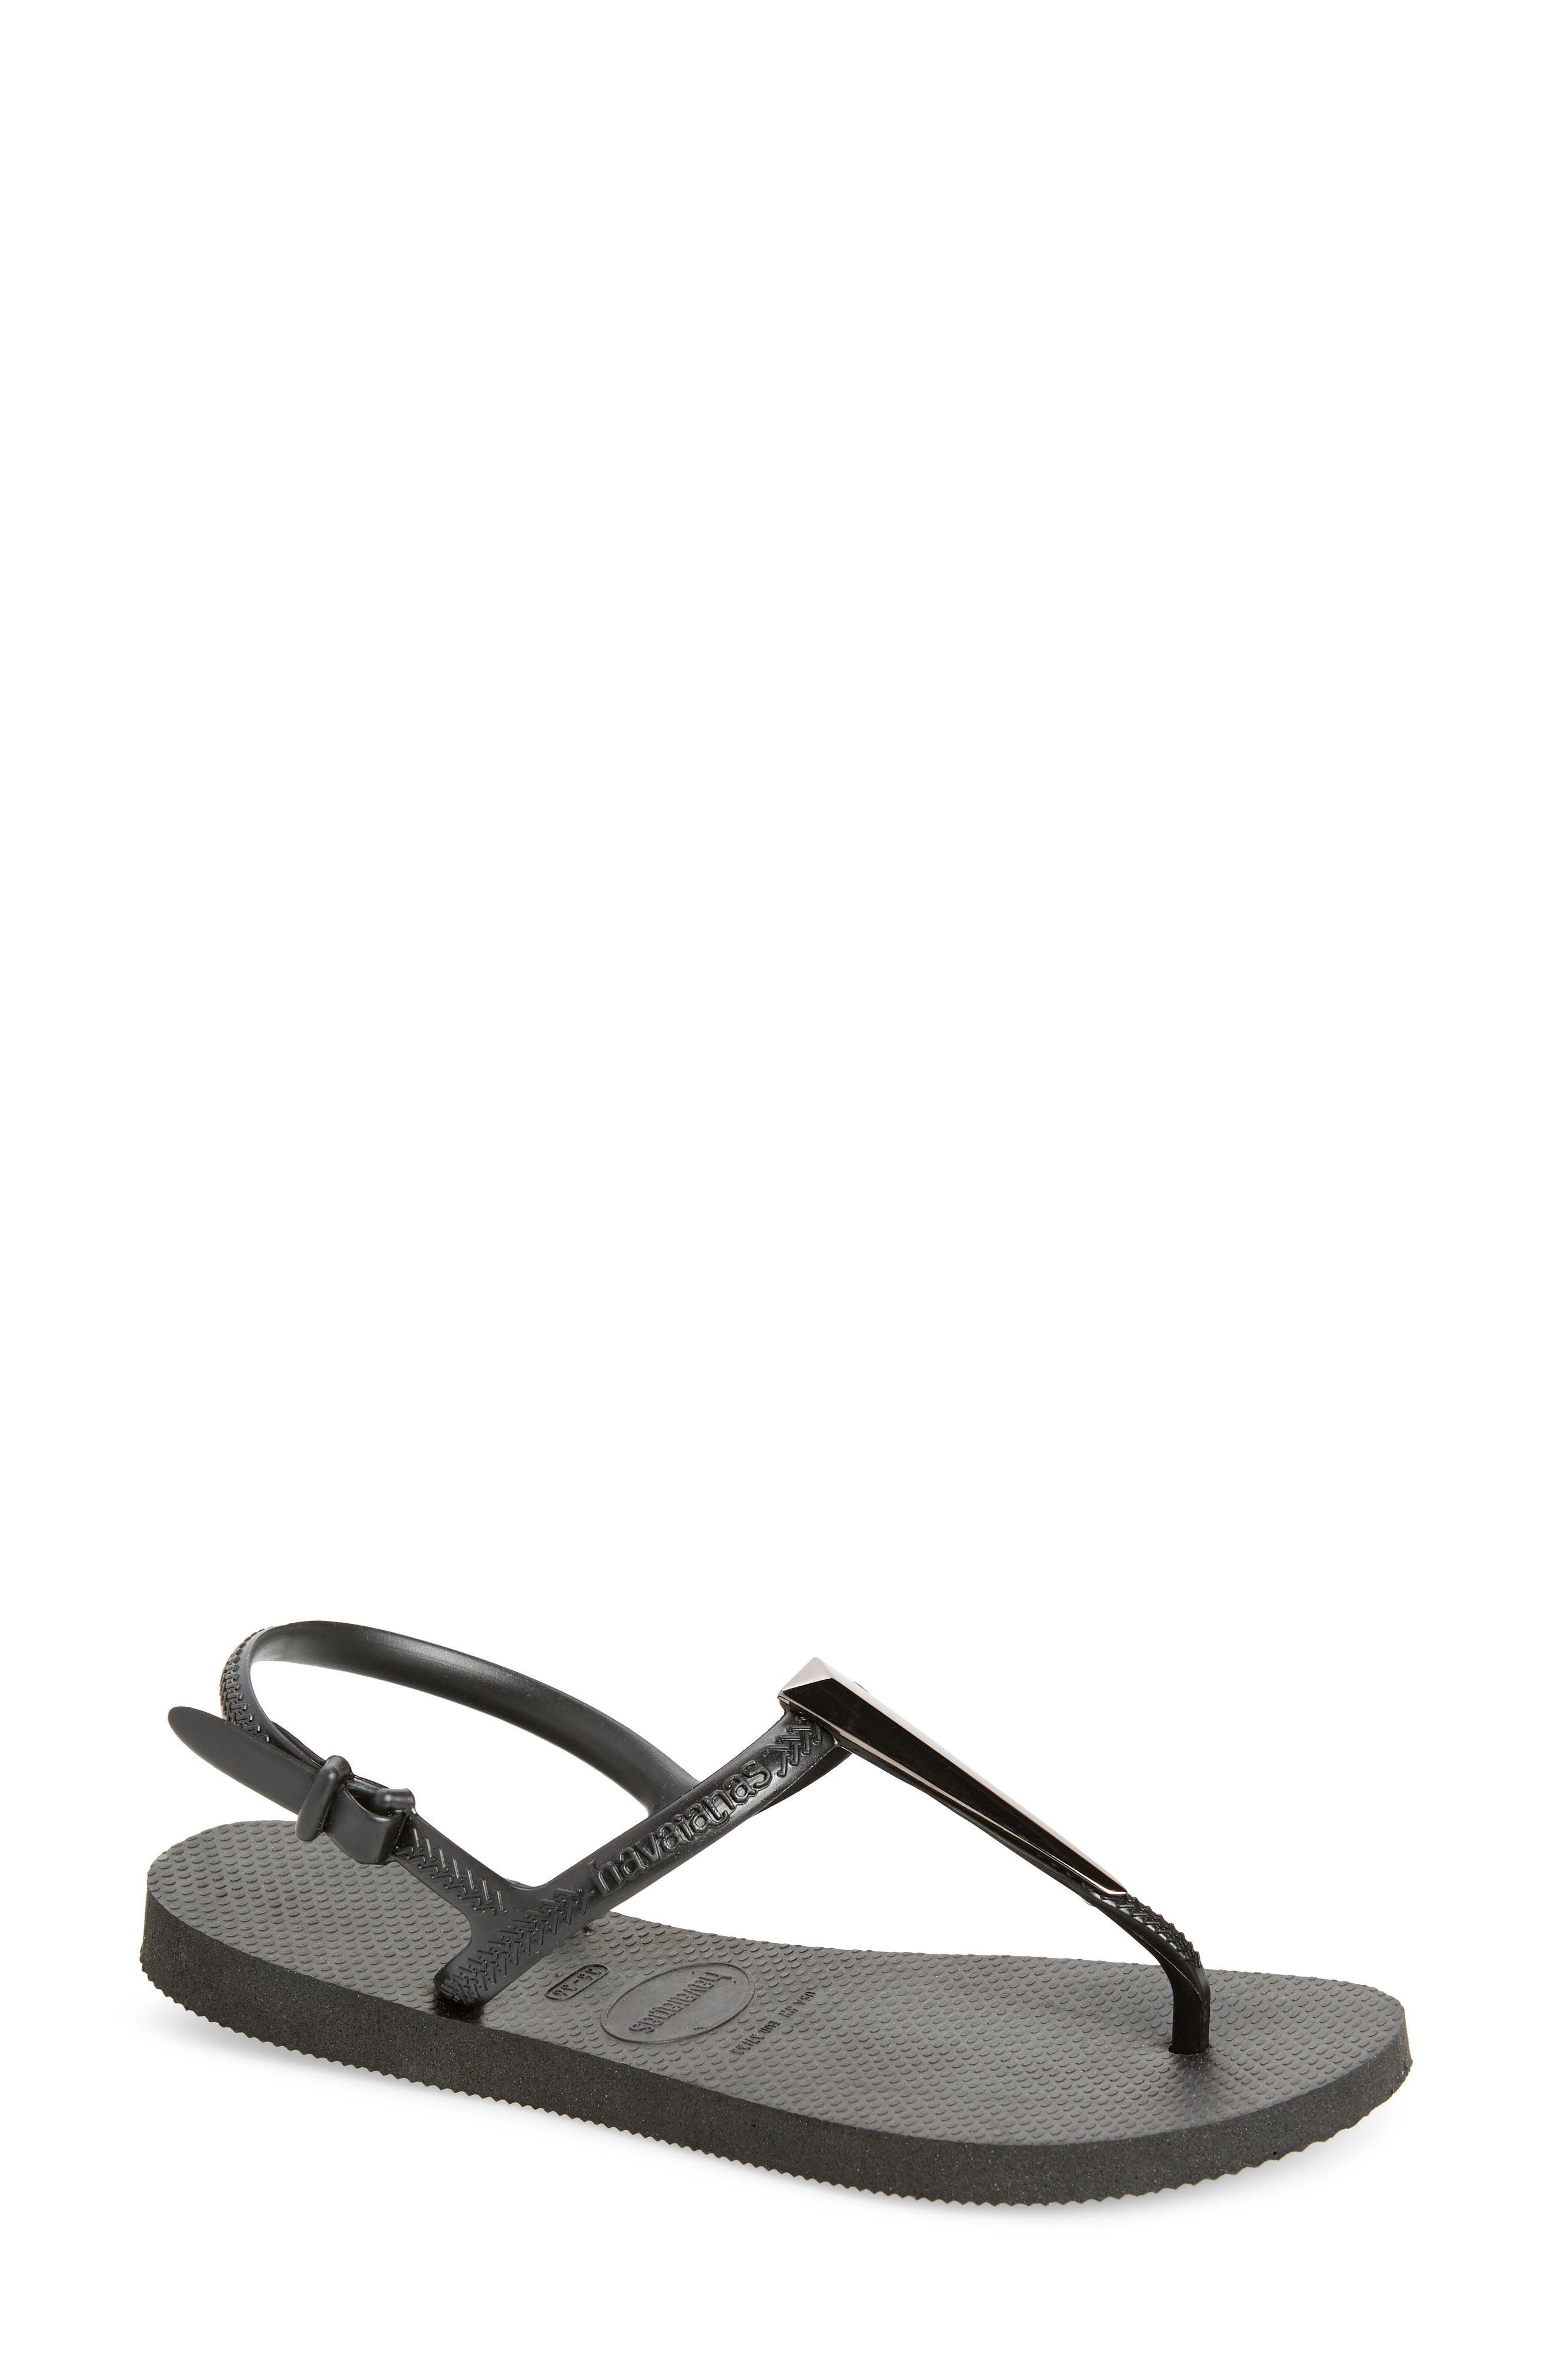 Freedom SL Maxi Sandal,                         Main,                         color, 002